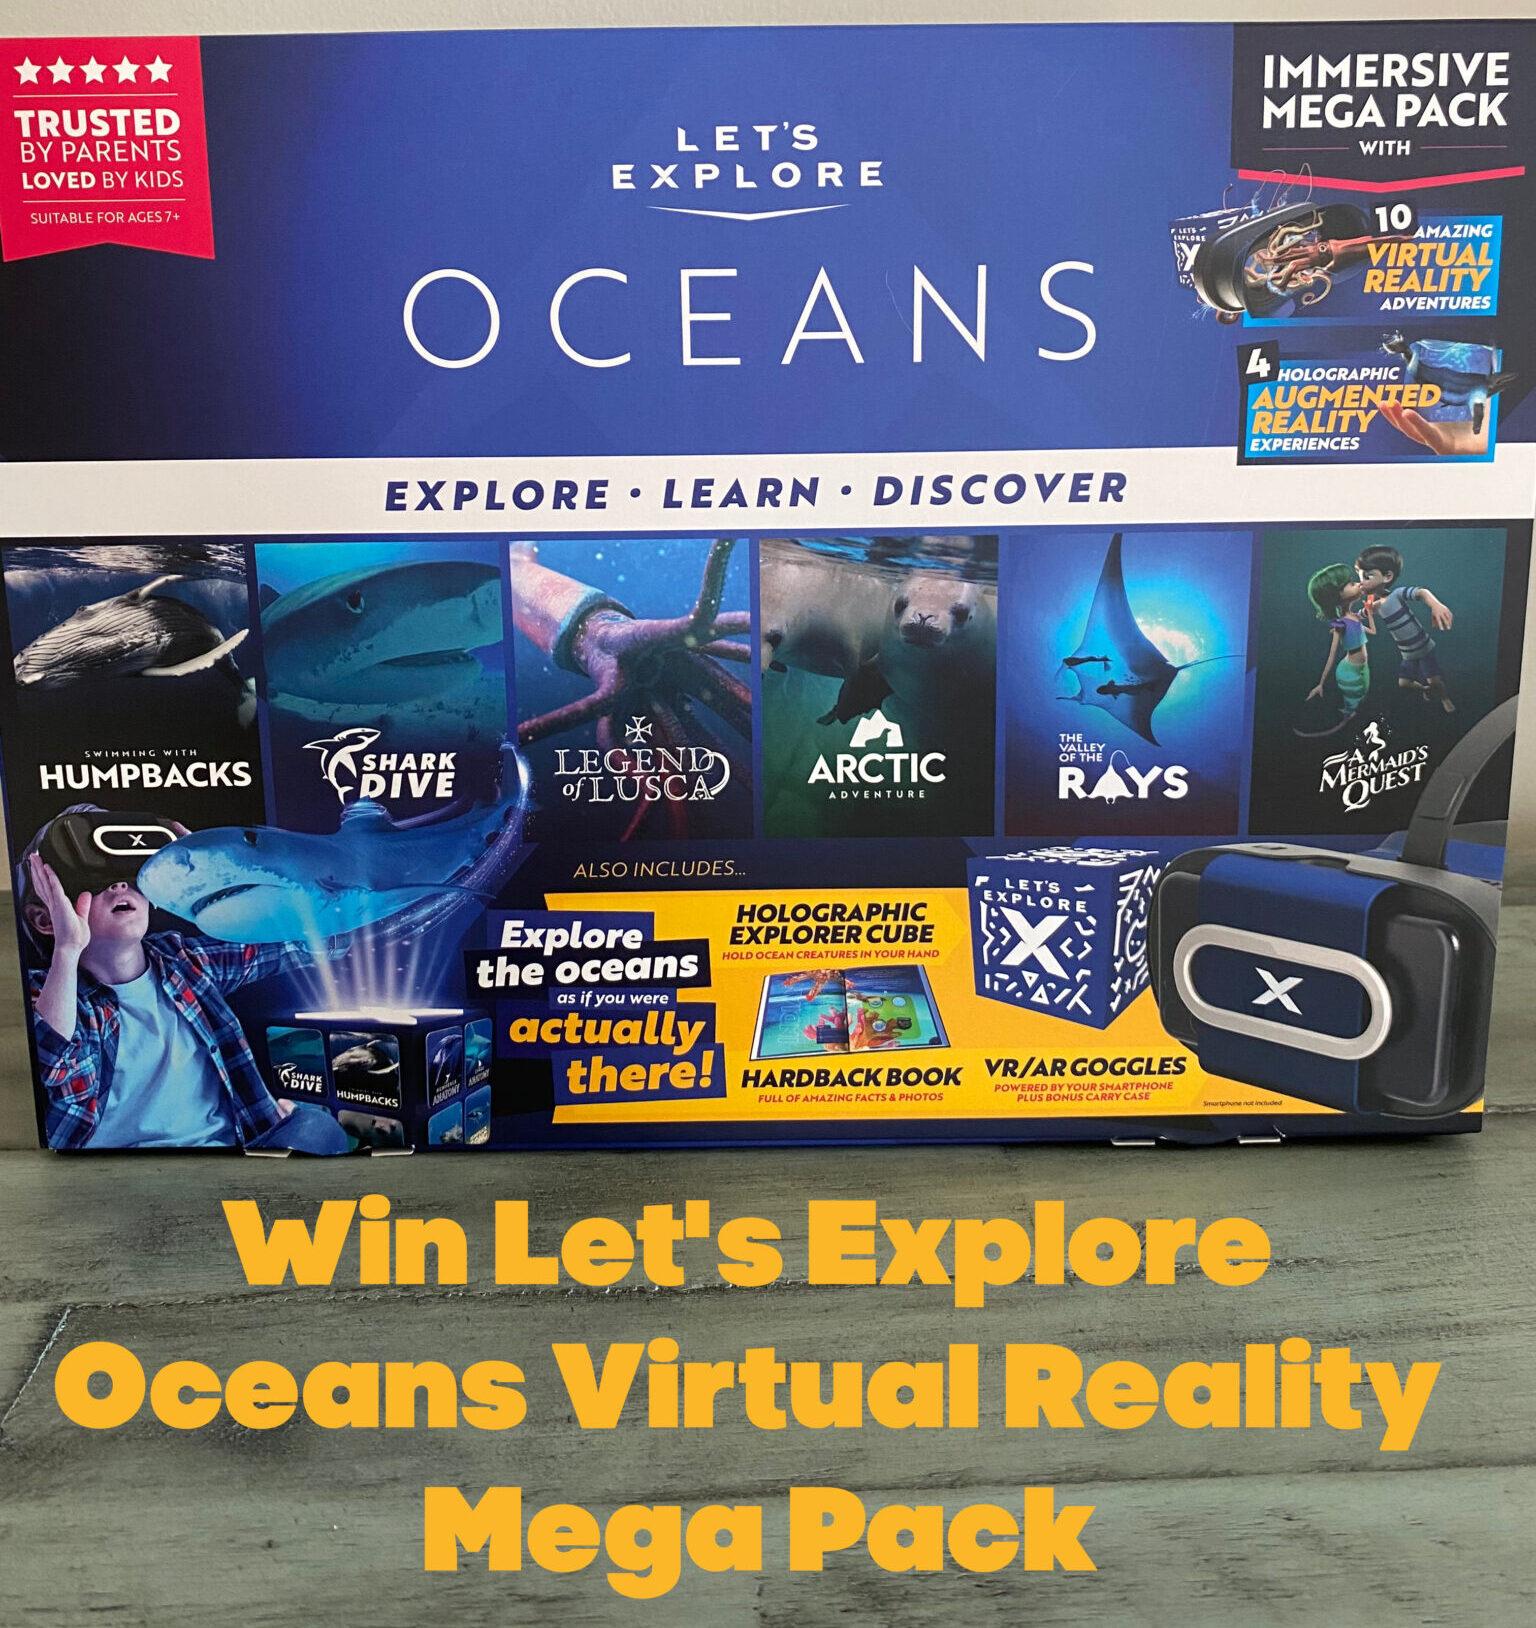 Let's Explore Oceans button